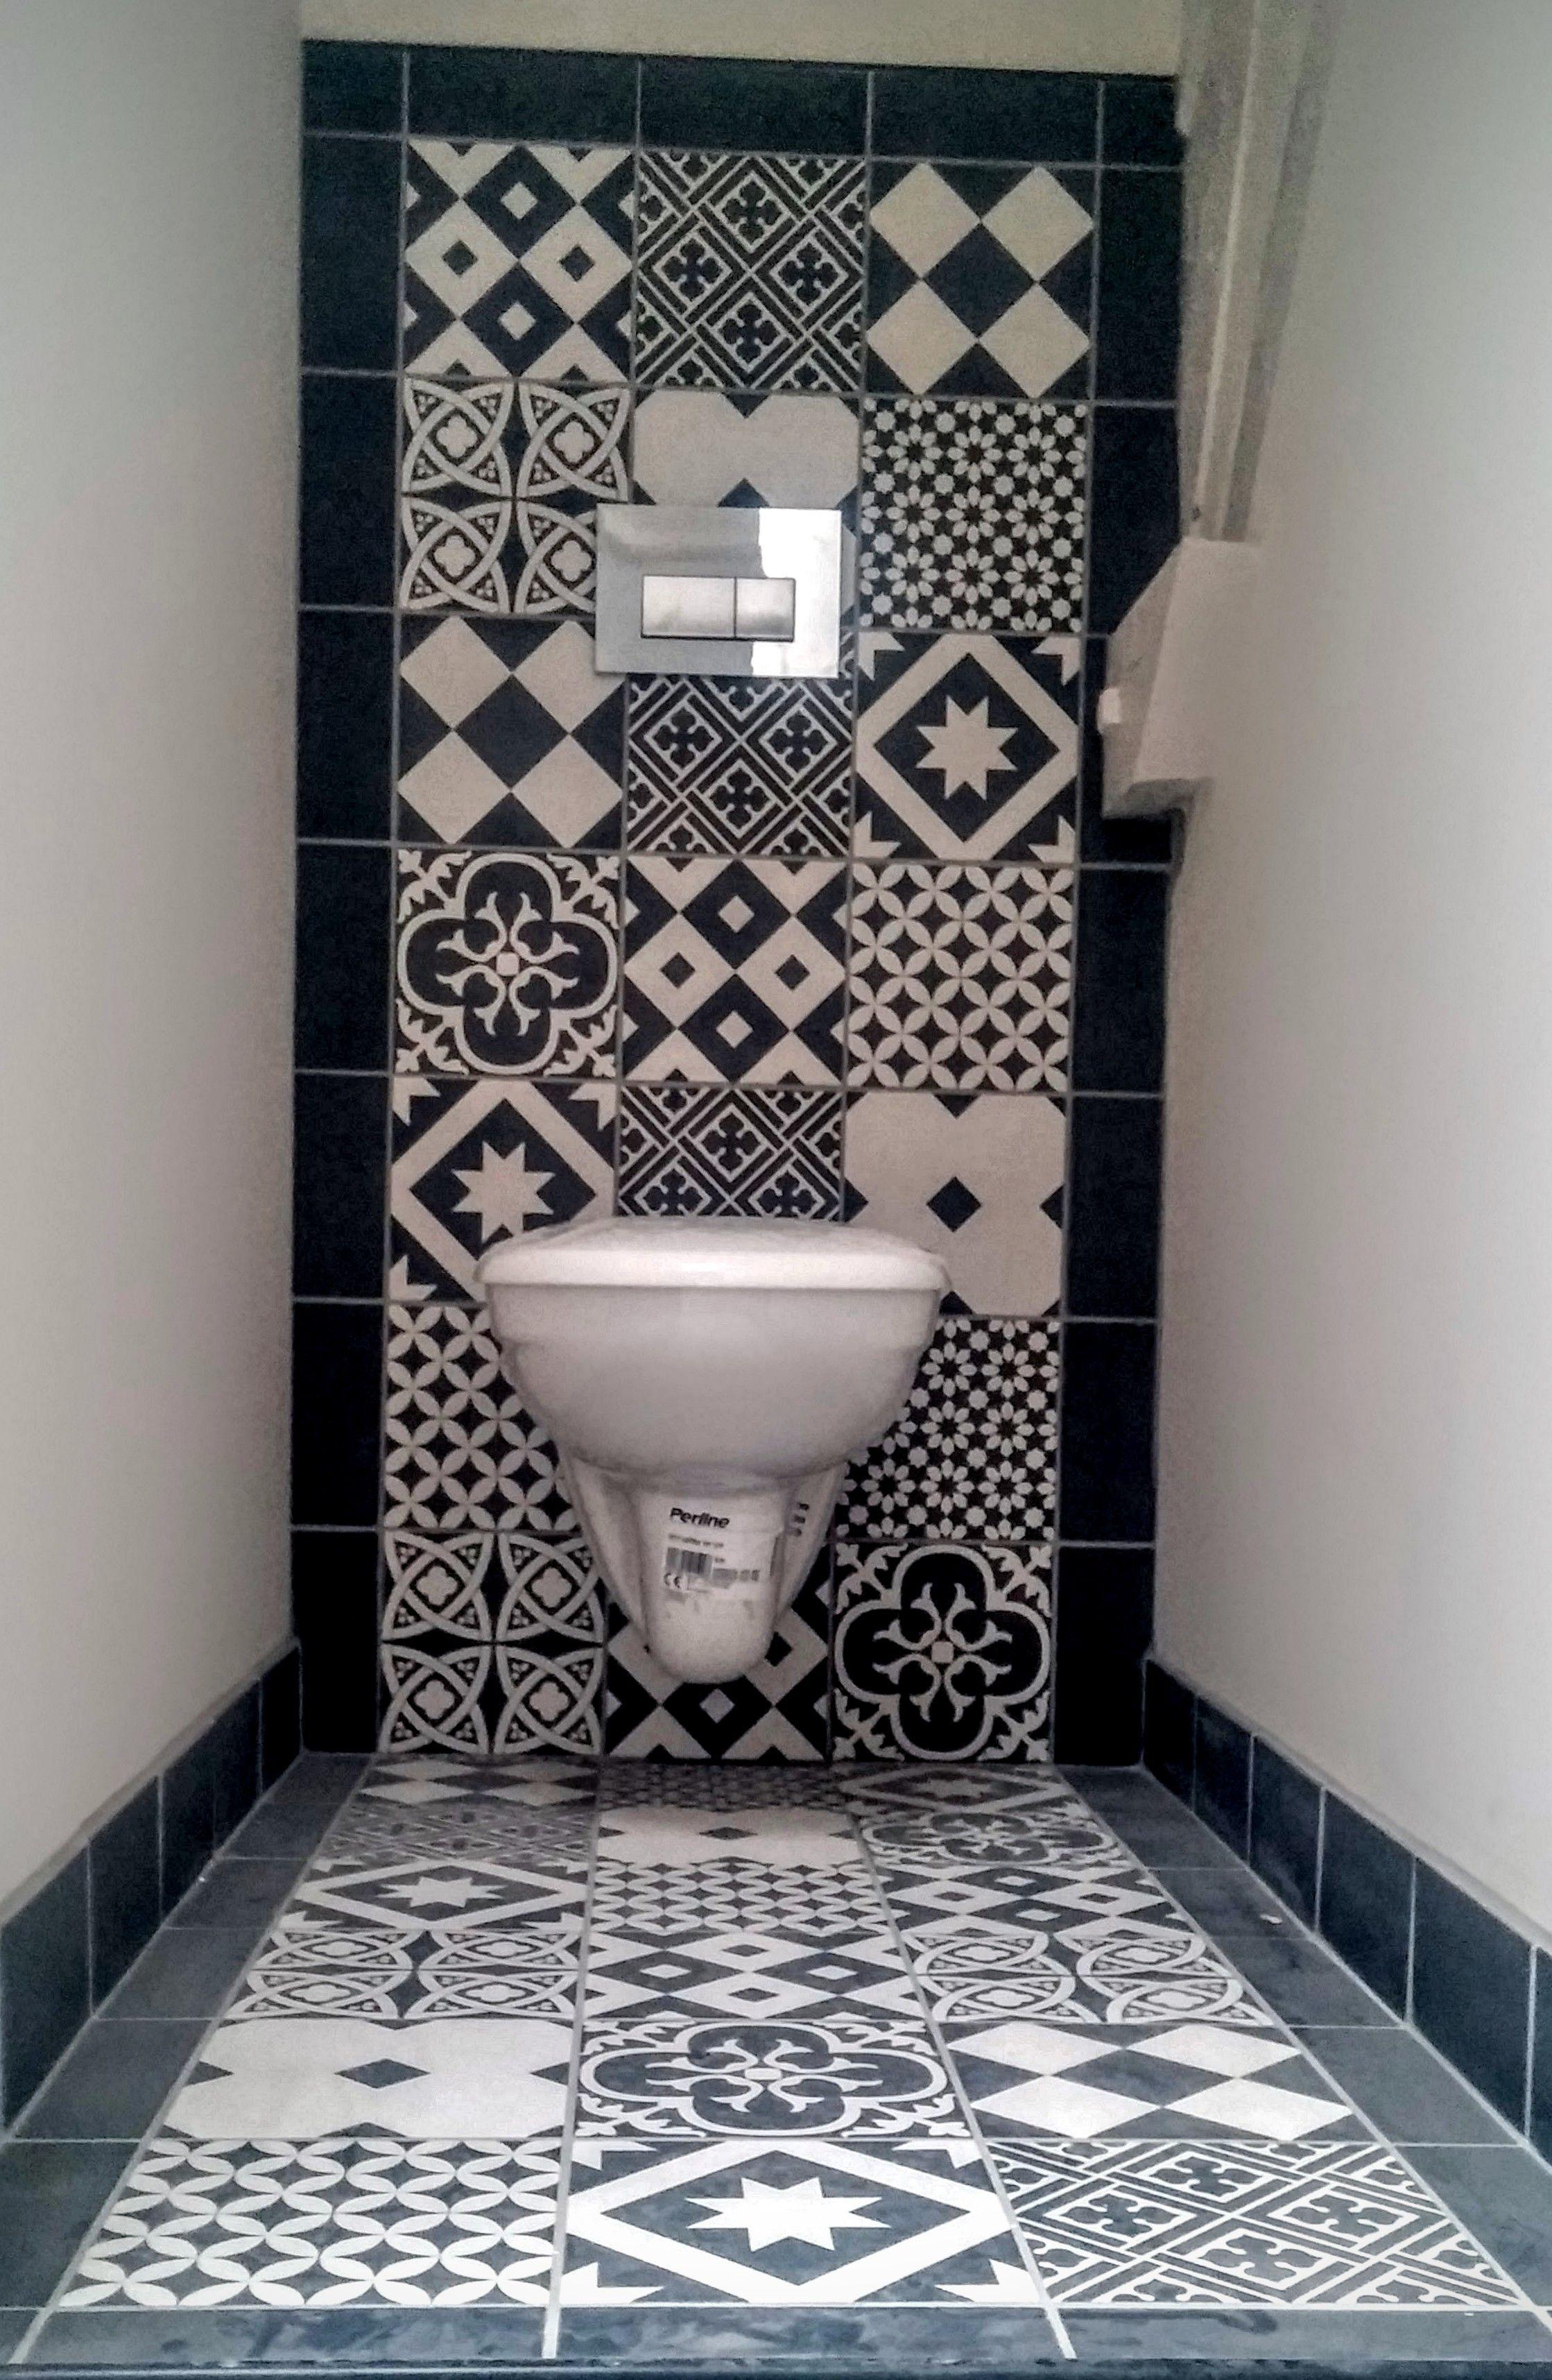 Épinglé par Heike Rieger sur Gäste WC | Déco toilettes, Idée ...